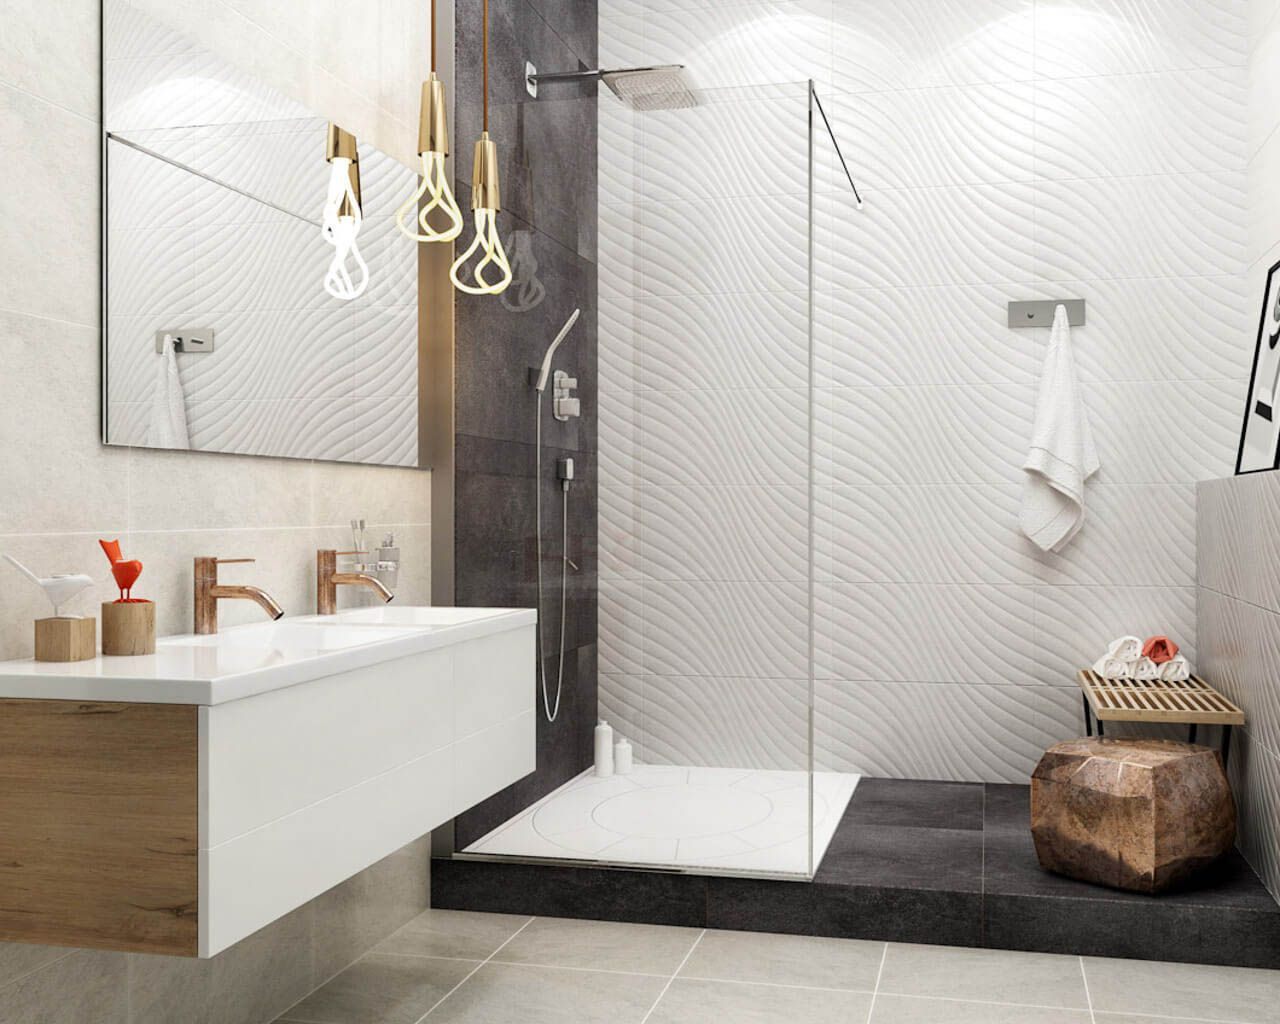 Modernes Kleines Bad.Modernes Kleines Bad Mit Dusche Ceramika Paradyz